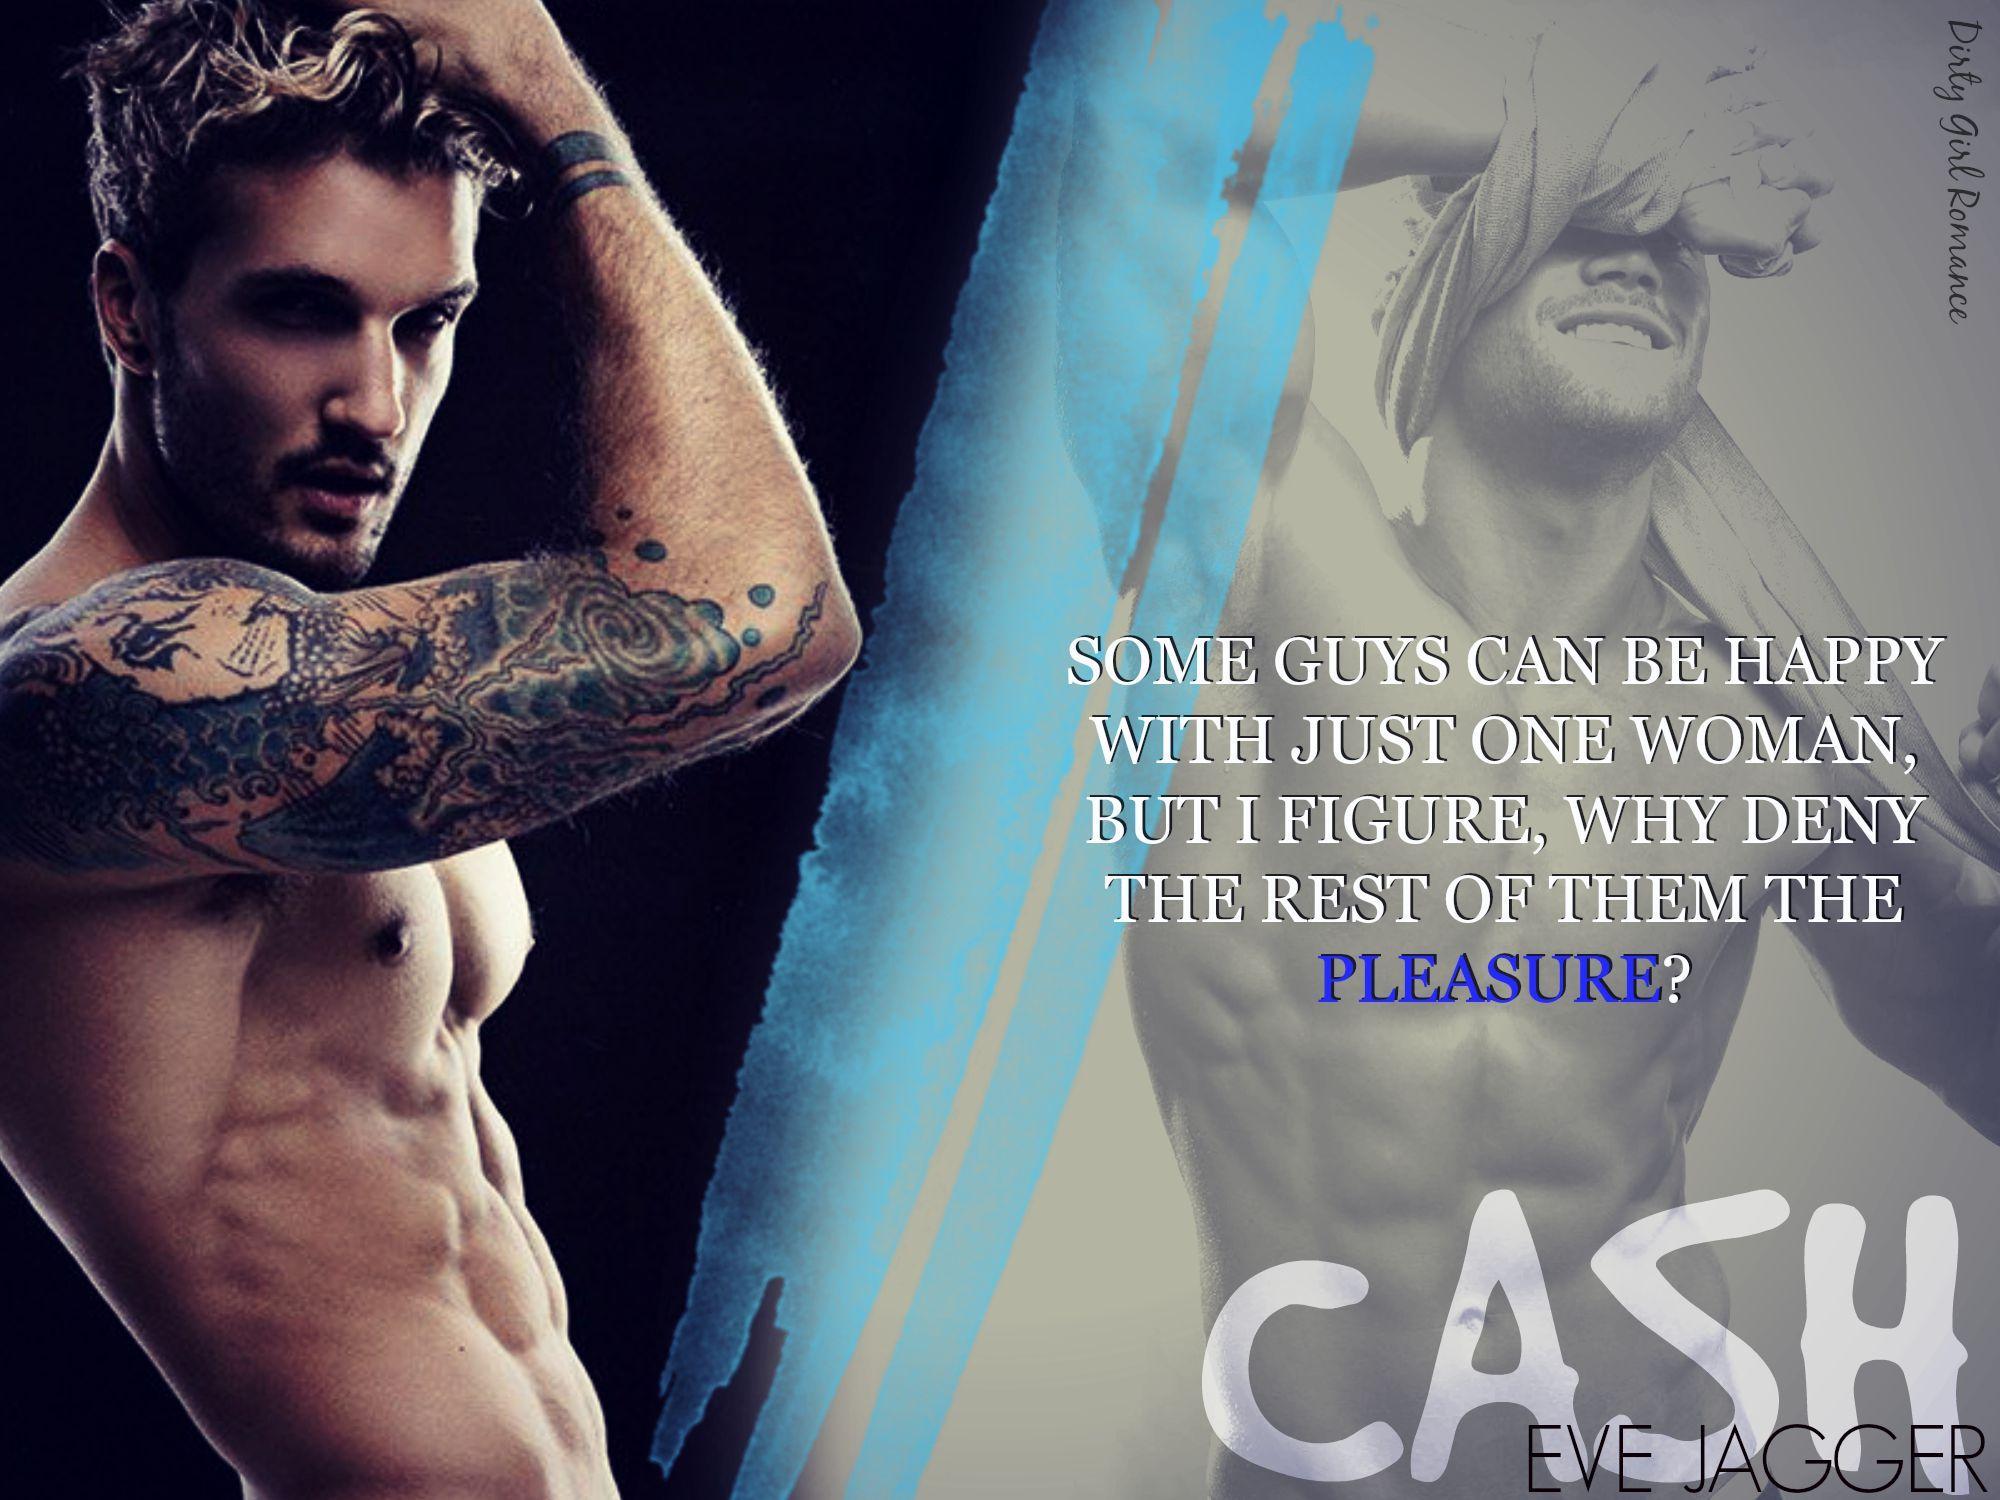 cash (sexy bastard, #2)eve jagger